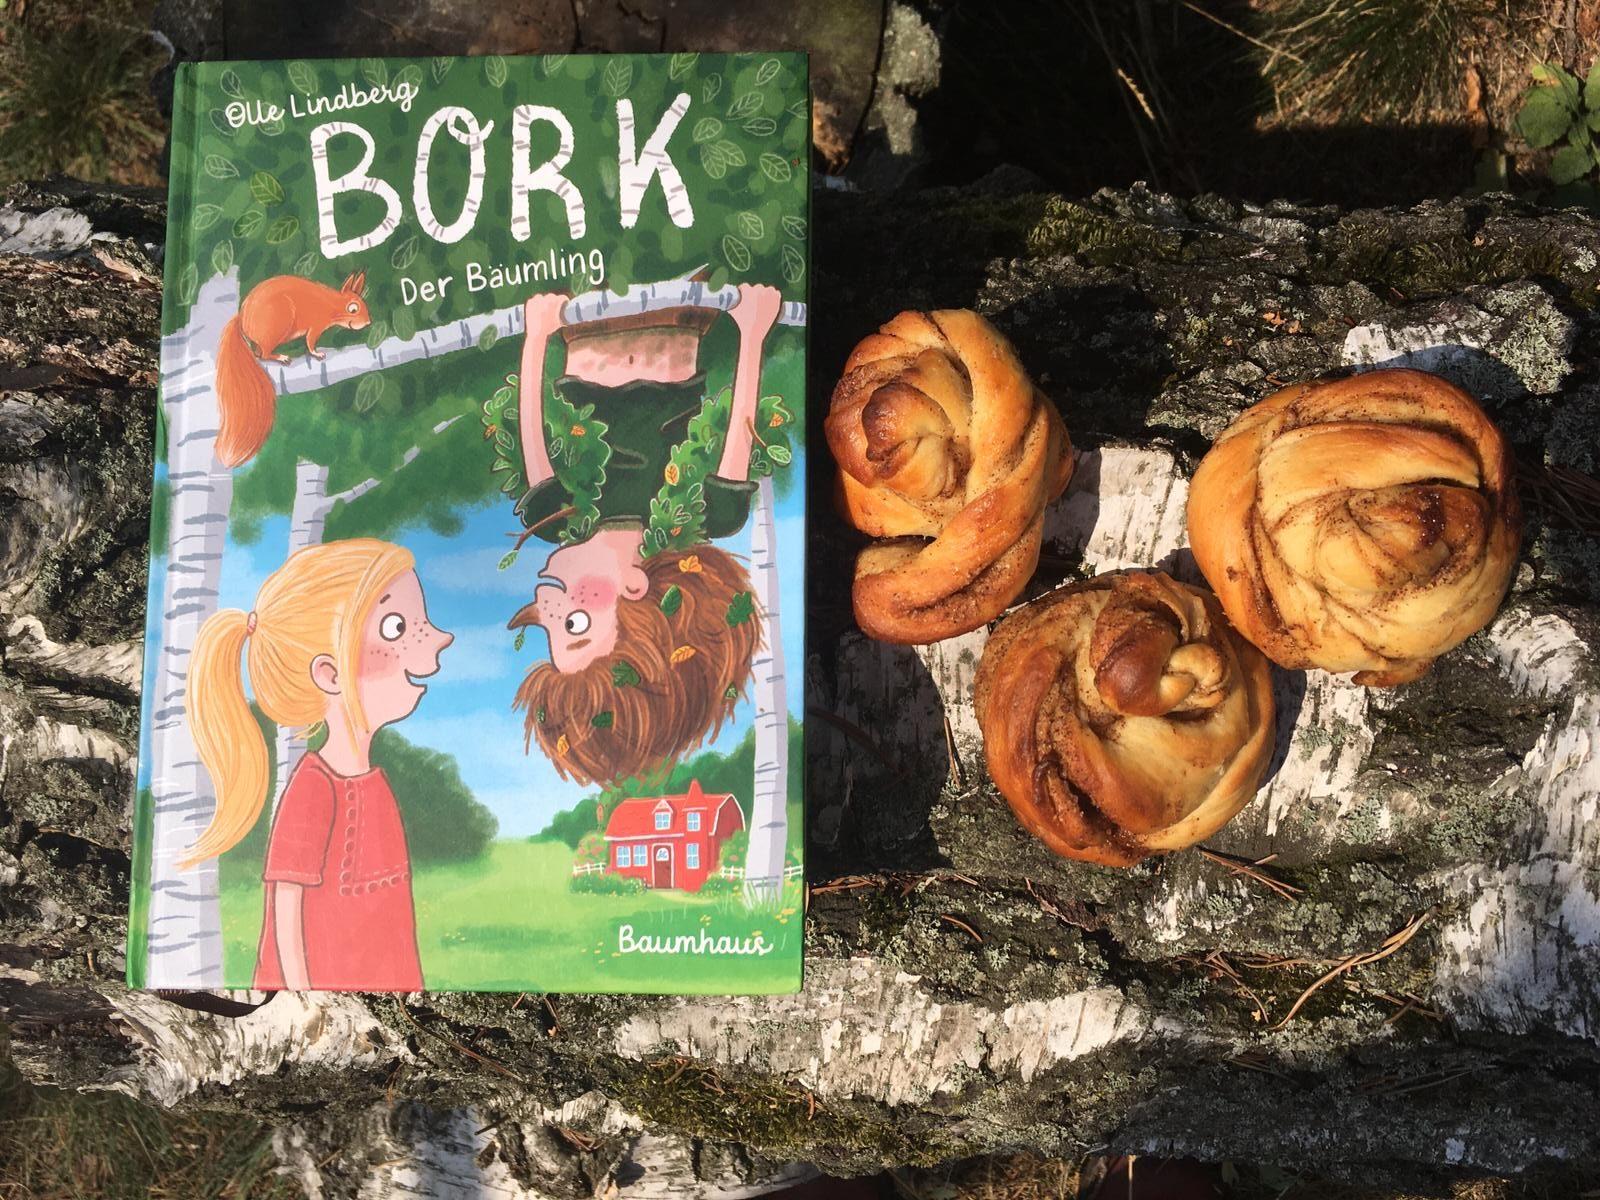 Bork – Der Bäumling